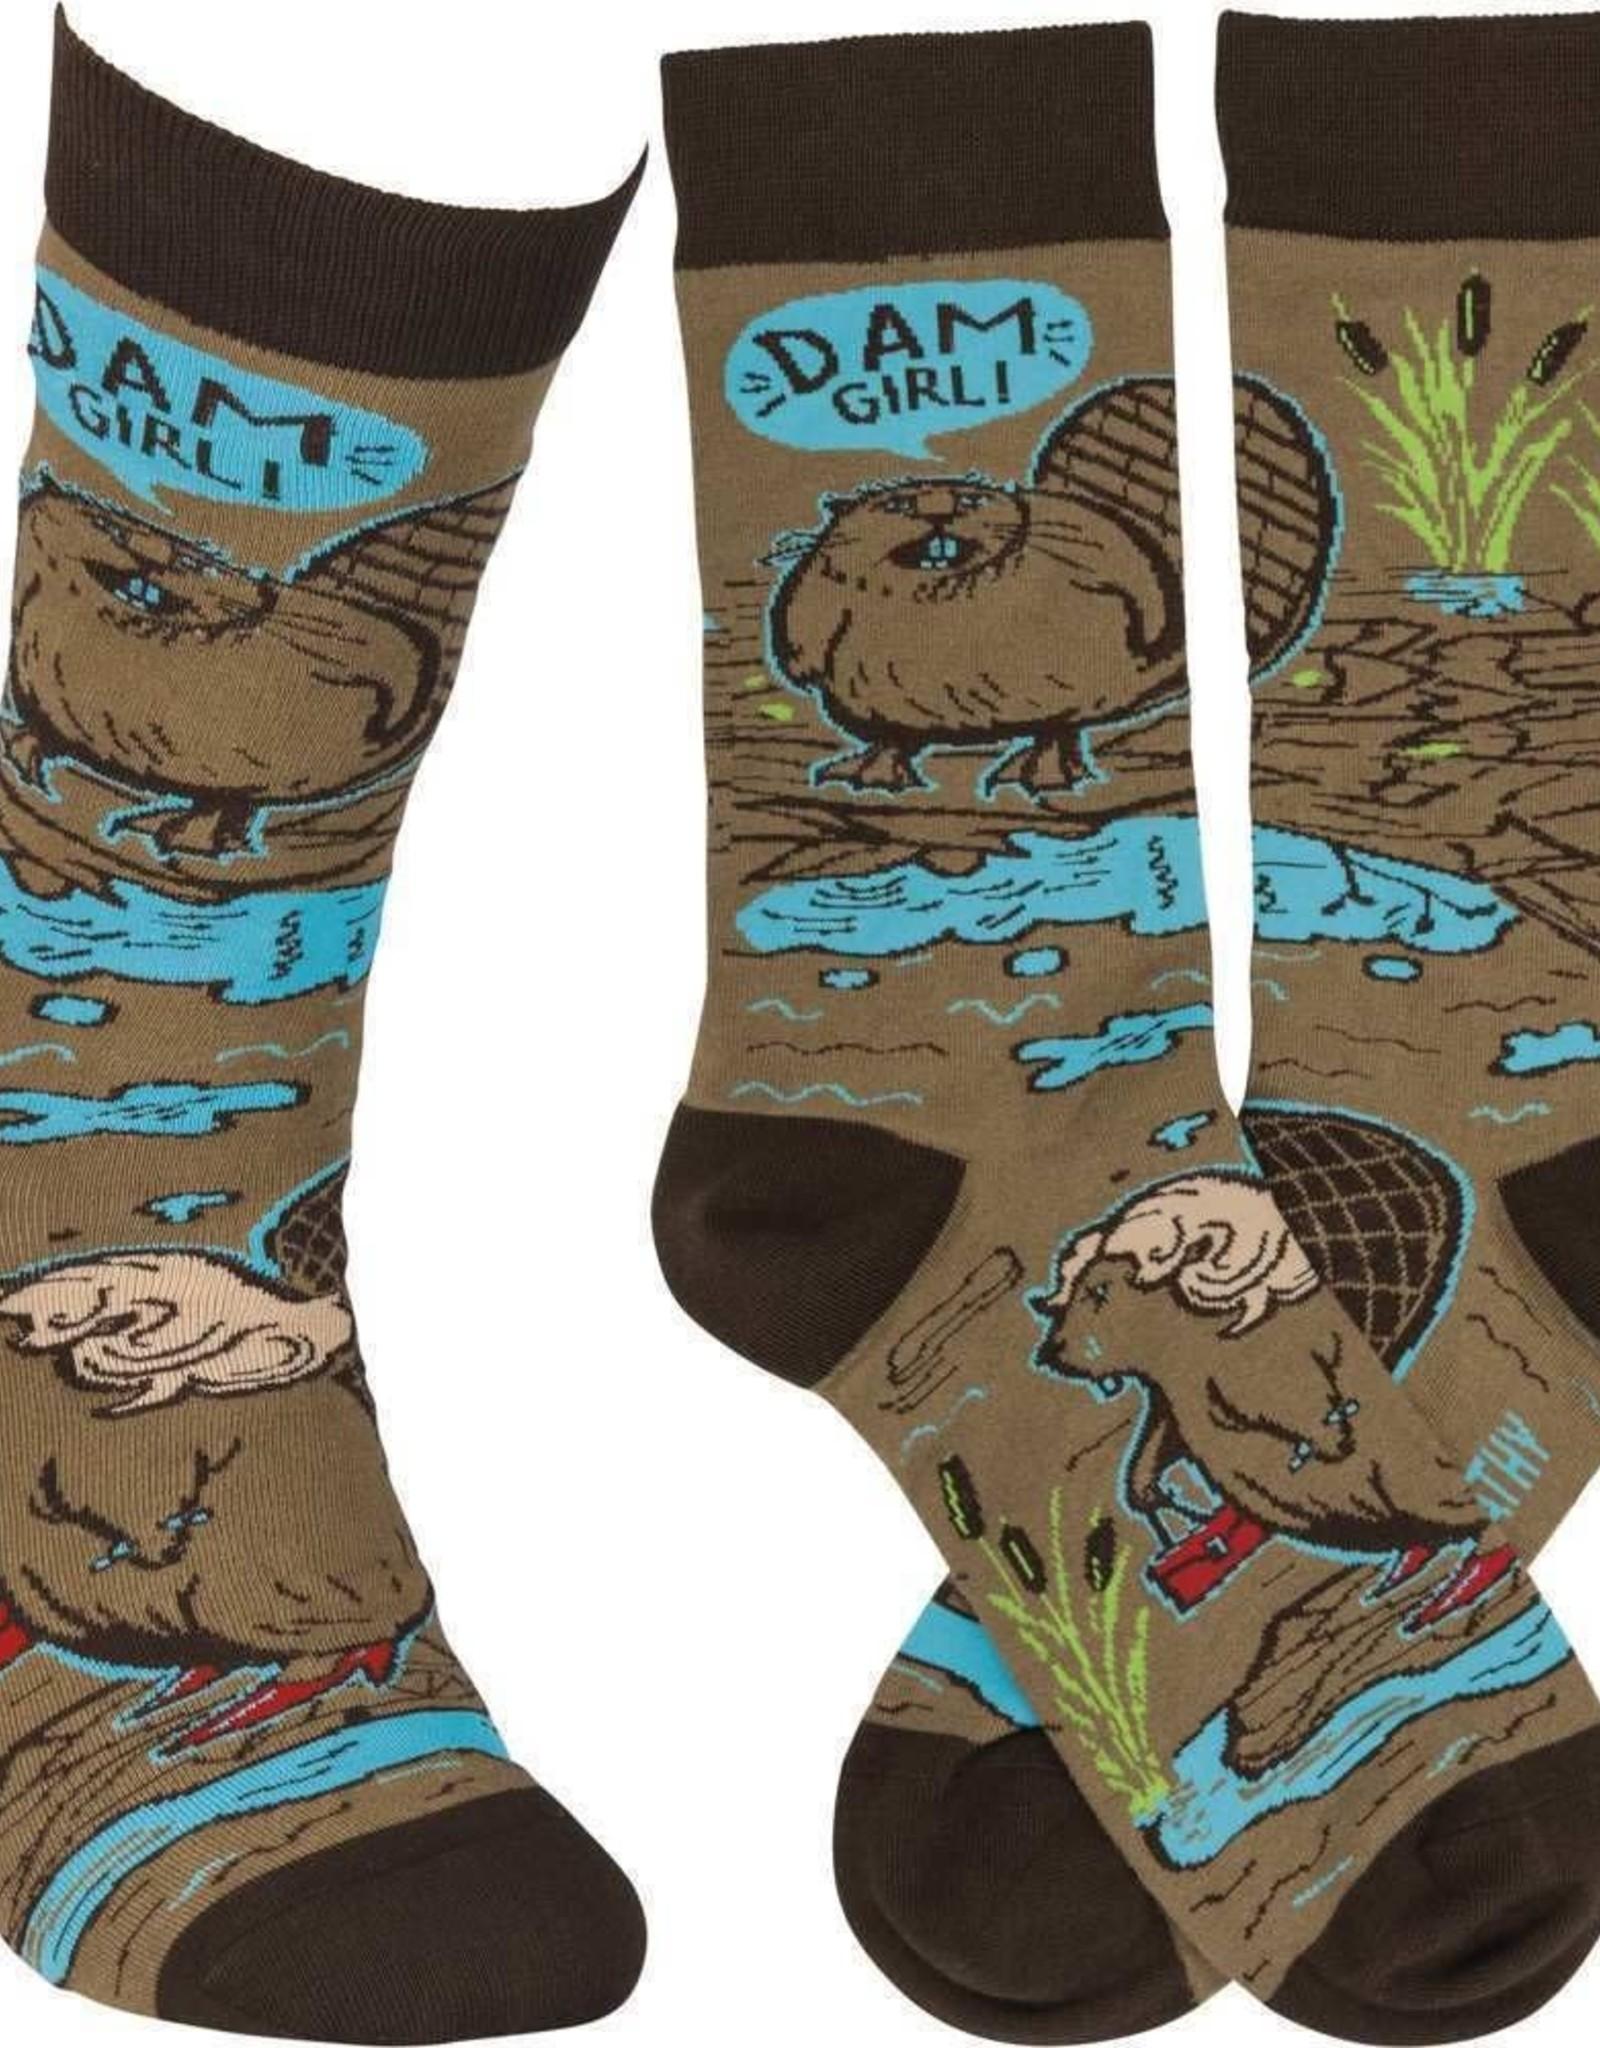 Dam Girl Socks